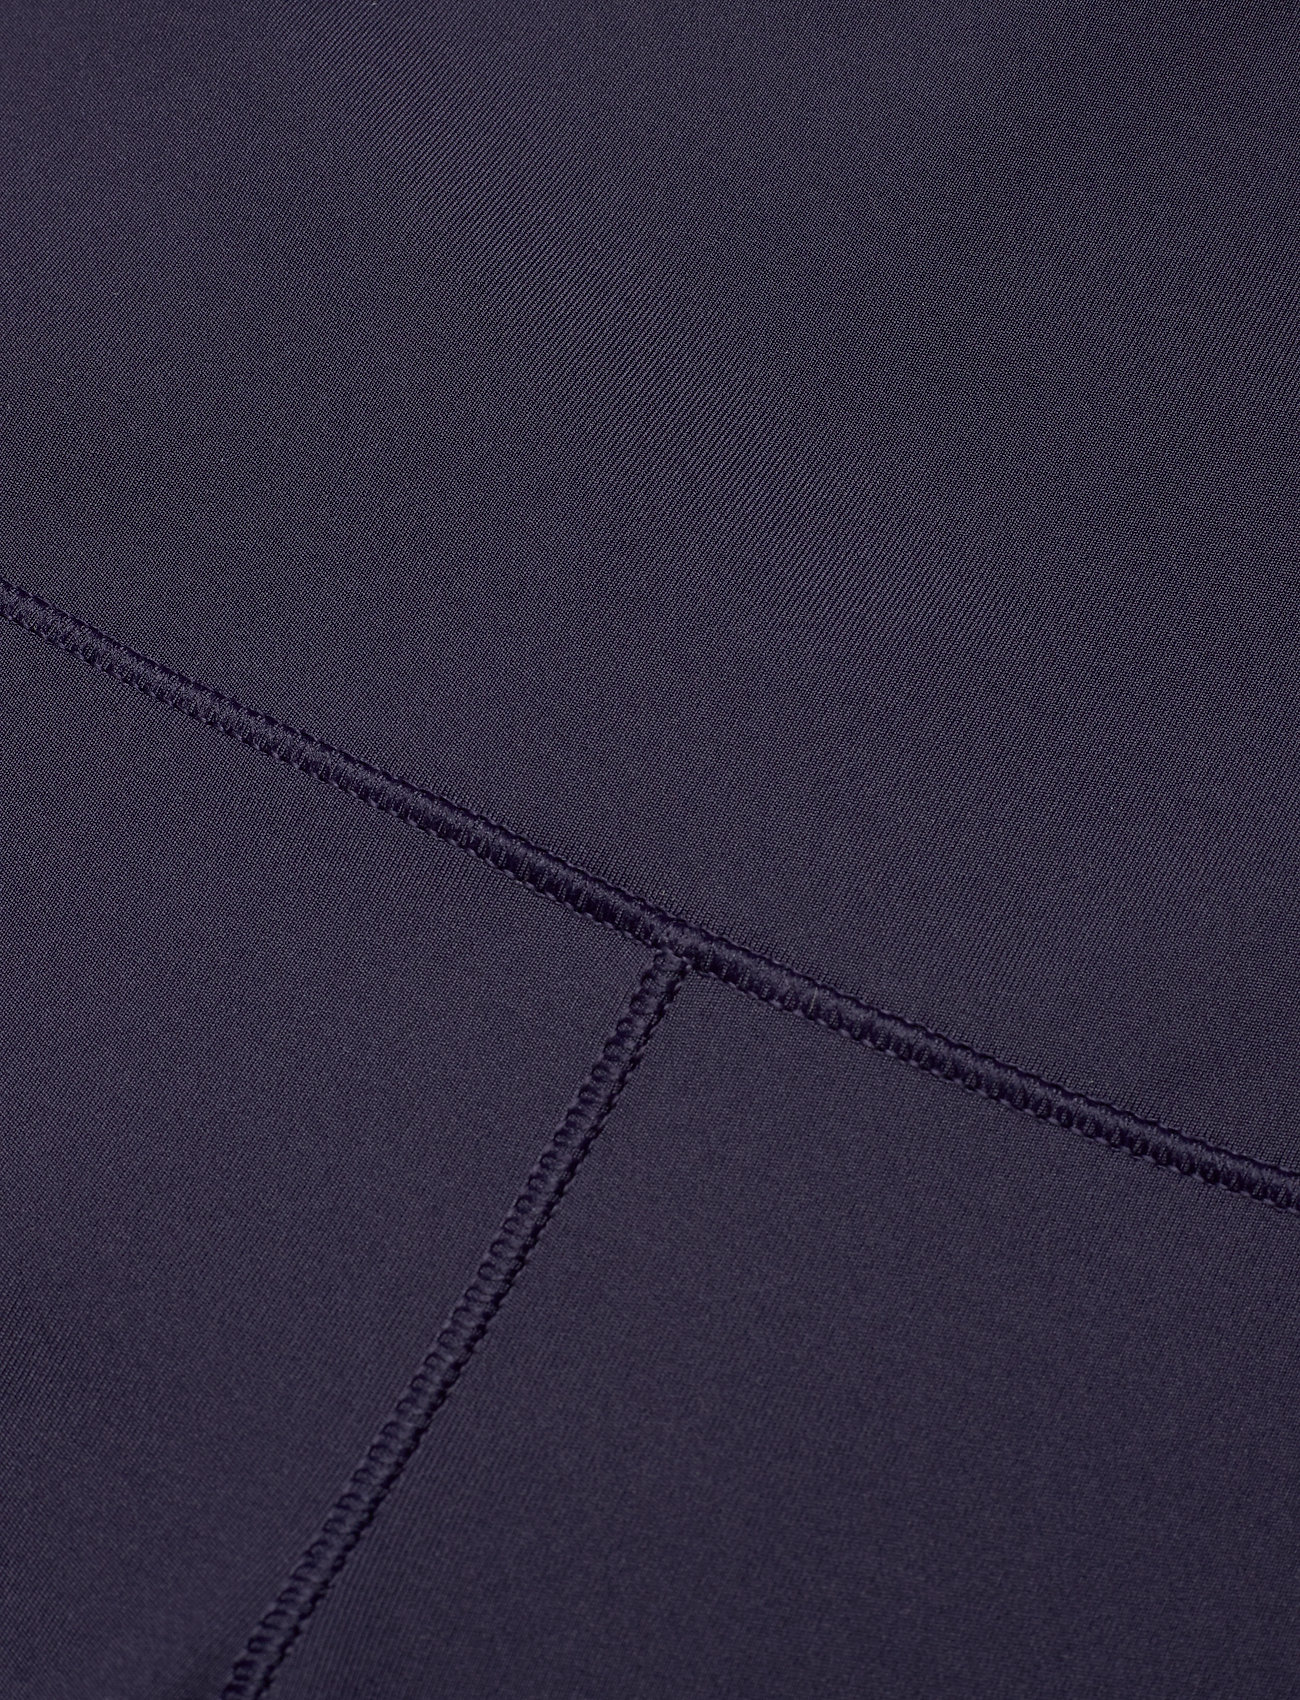 Reebok Performance TS LUX PERFORM HR TIGHT - Leginsy PRPDEL - Kobiety Odzież.